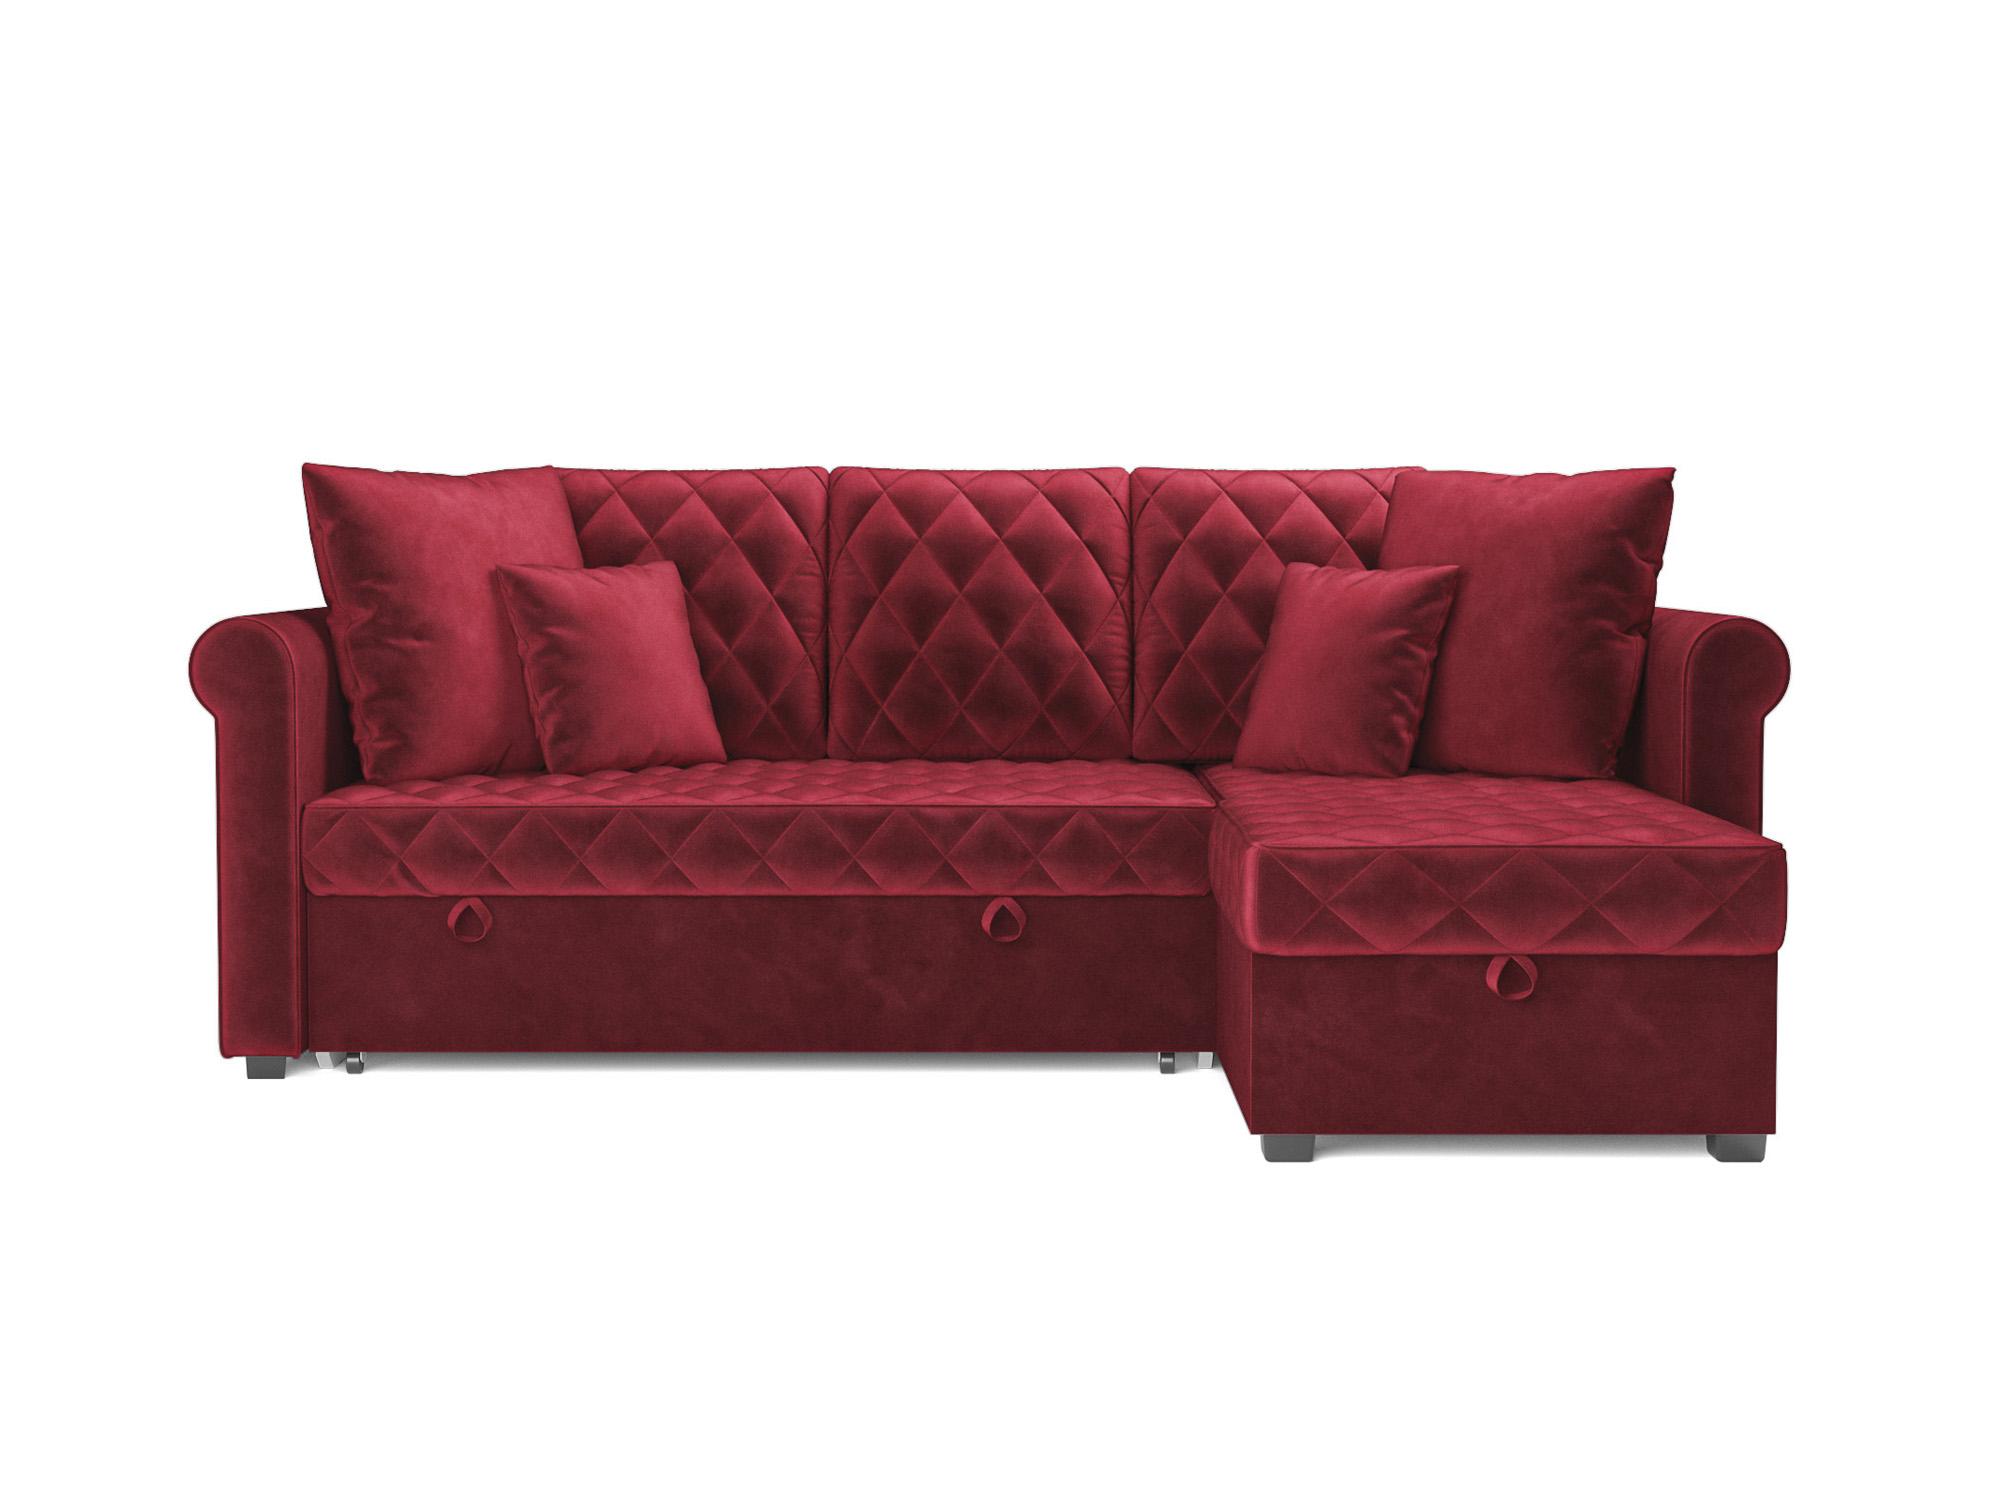 Угловой диван Берлин MebelVia Красный, Вельвет бархатного типа, ДСП Красный